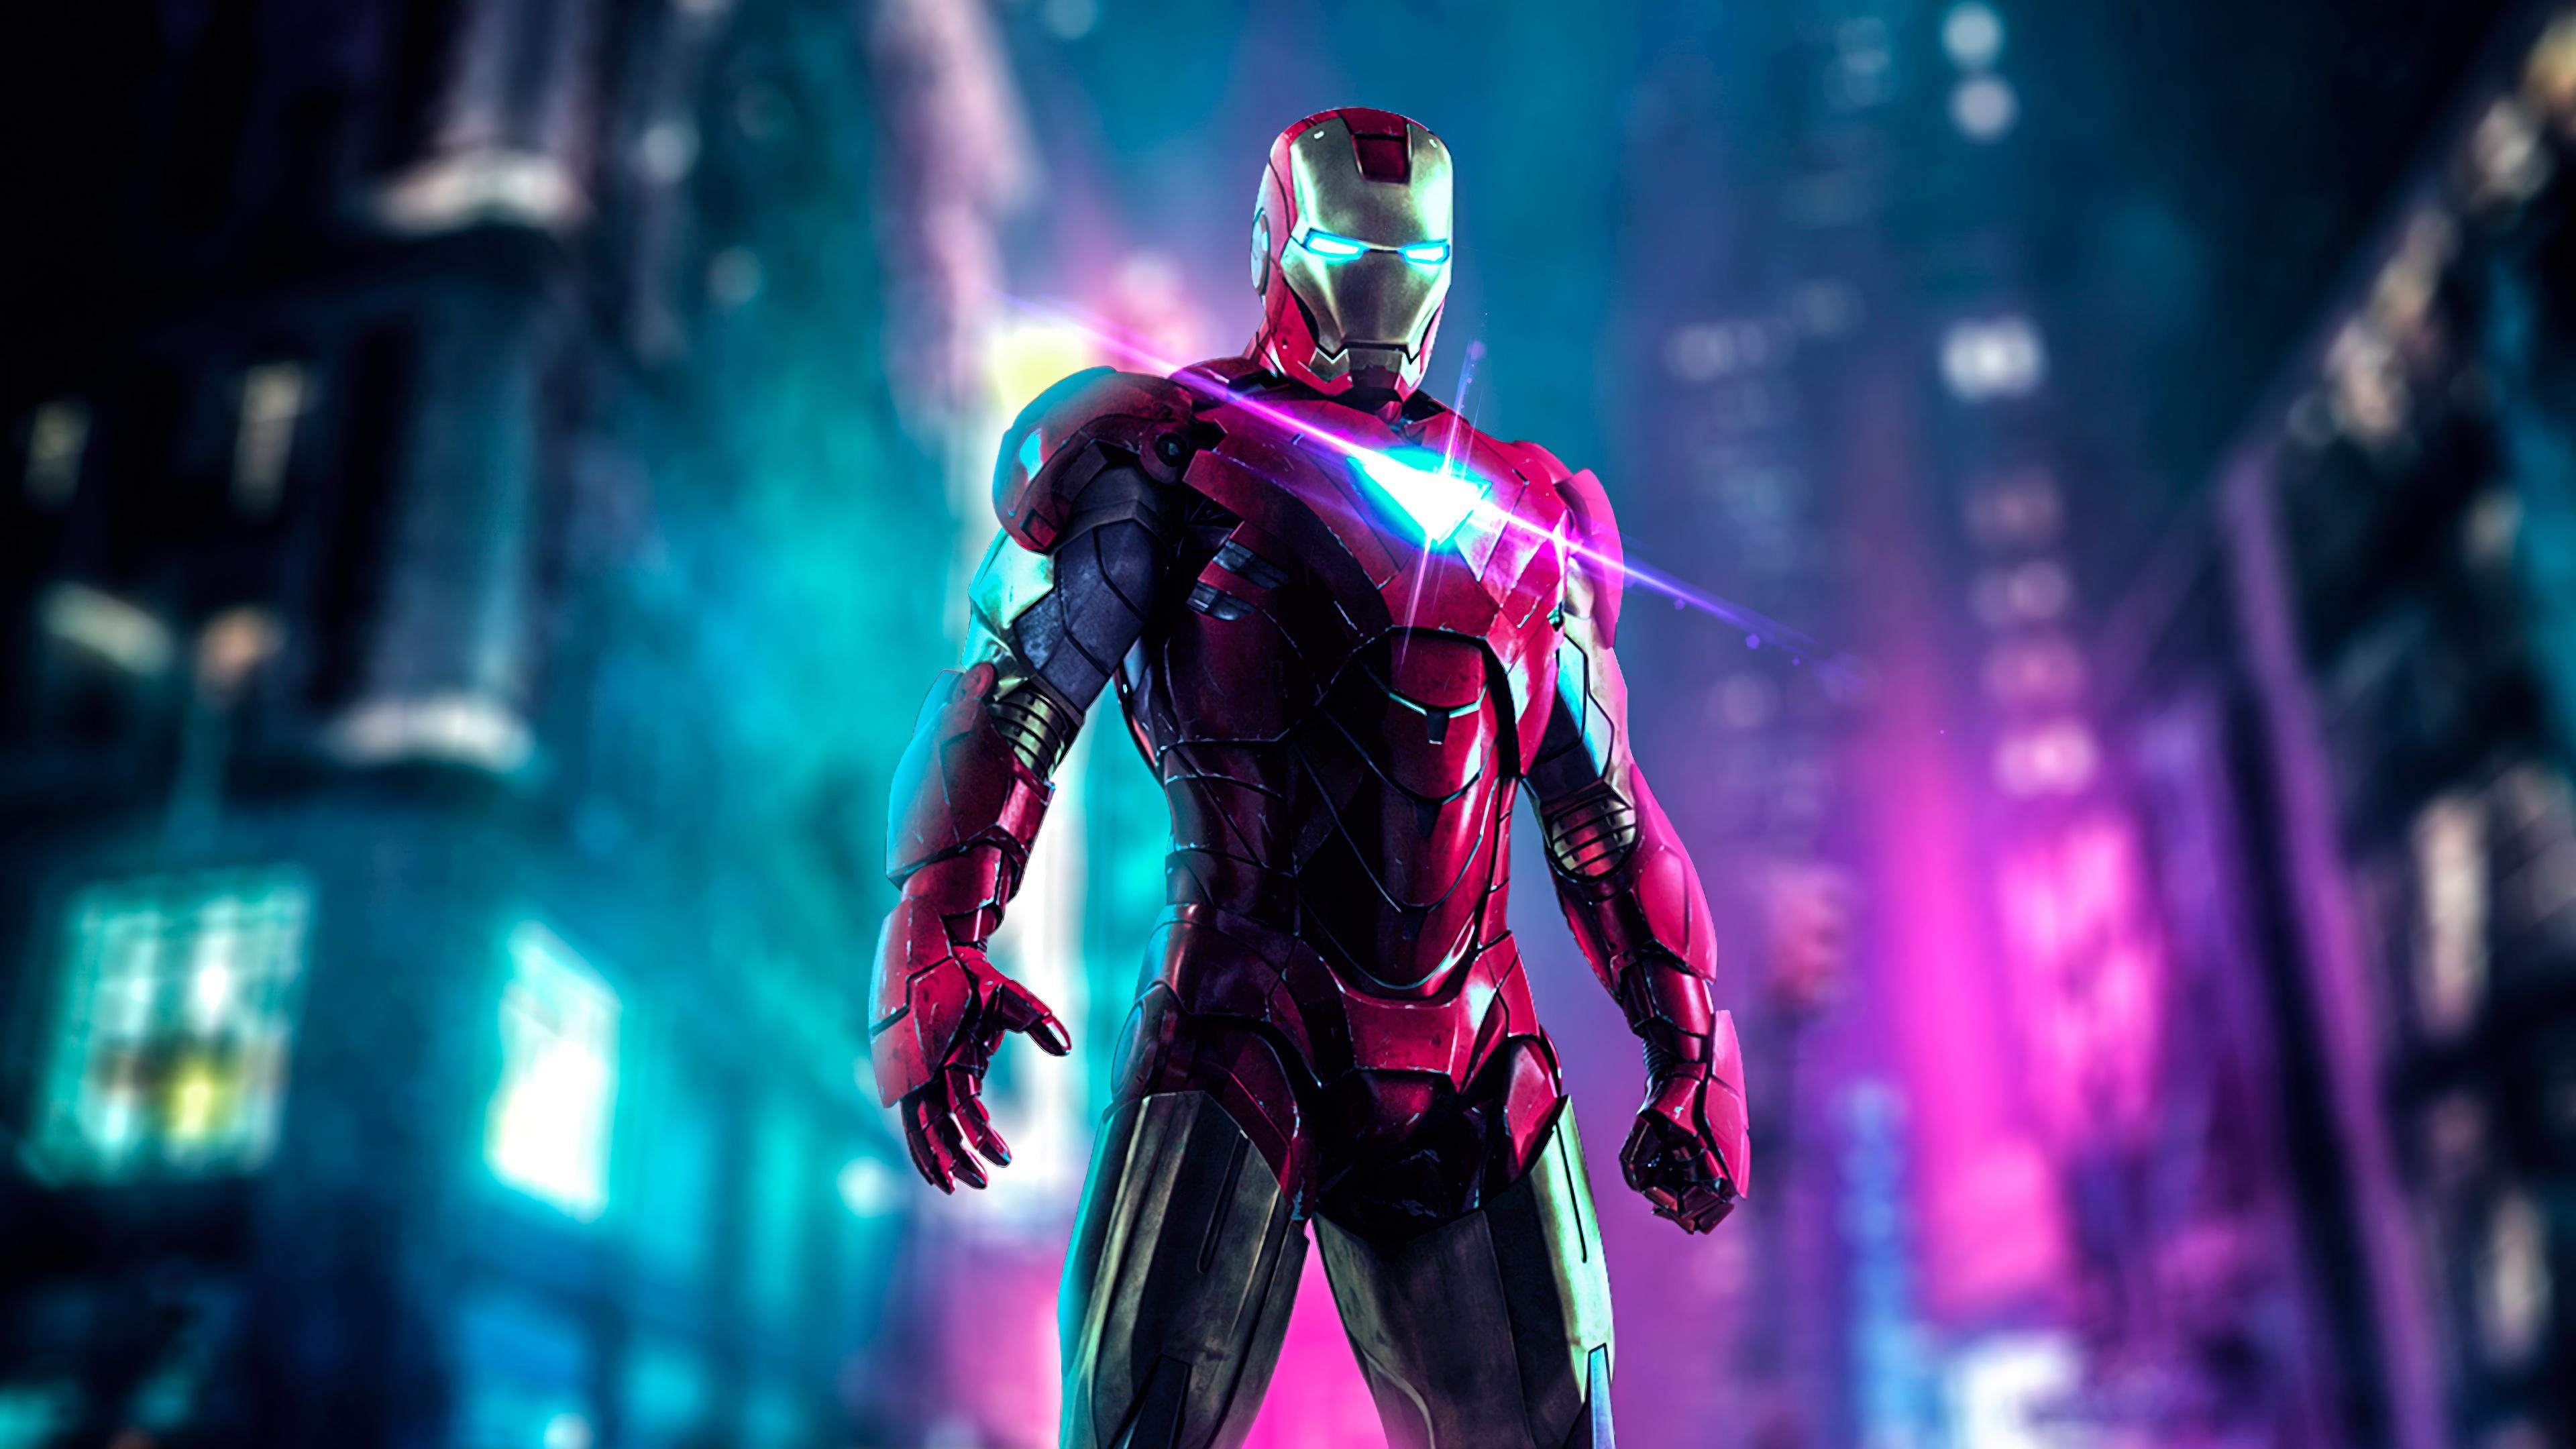 Iron man 4k 210 wallpaper - Iron man wallpaper 4k ...